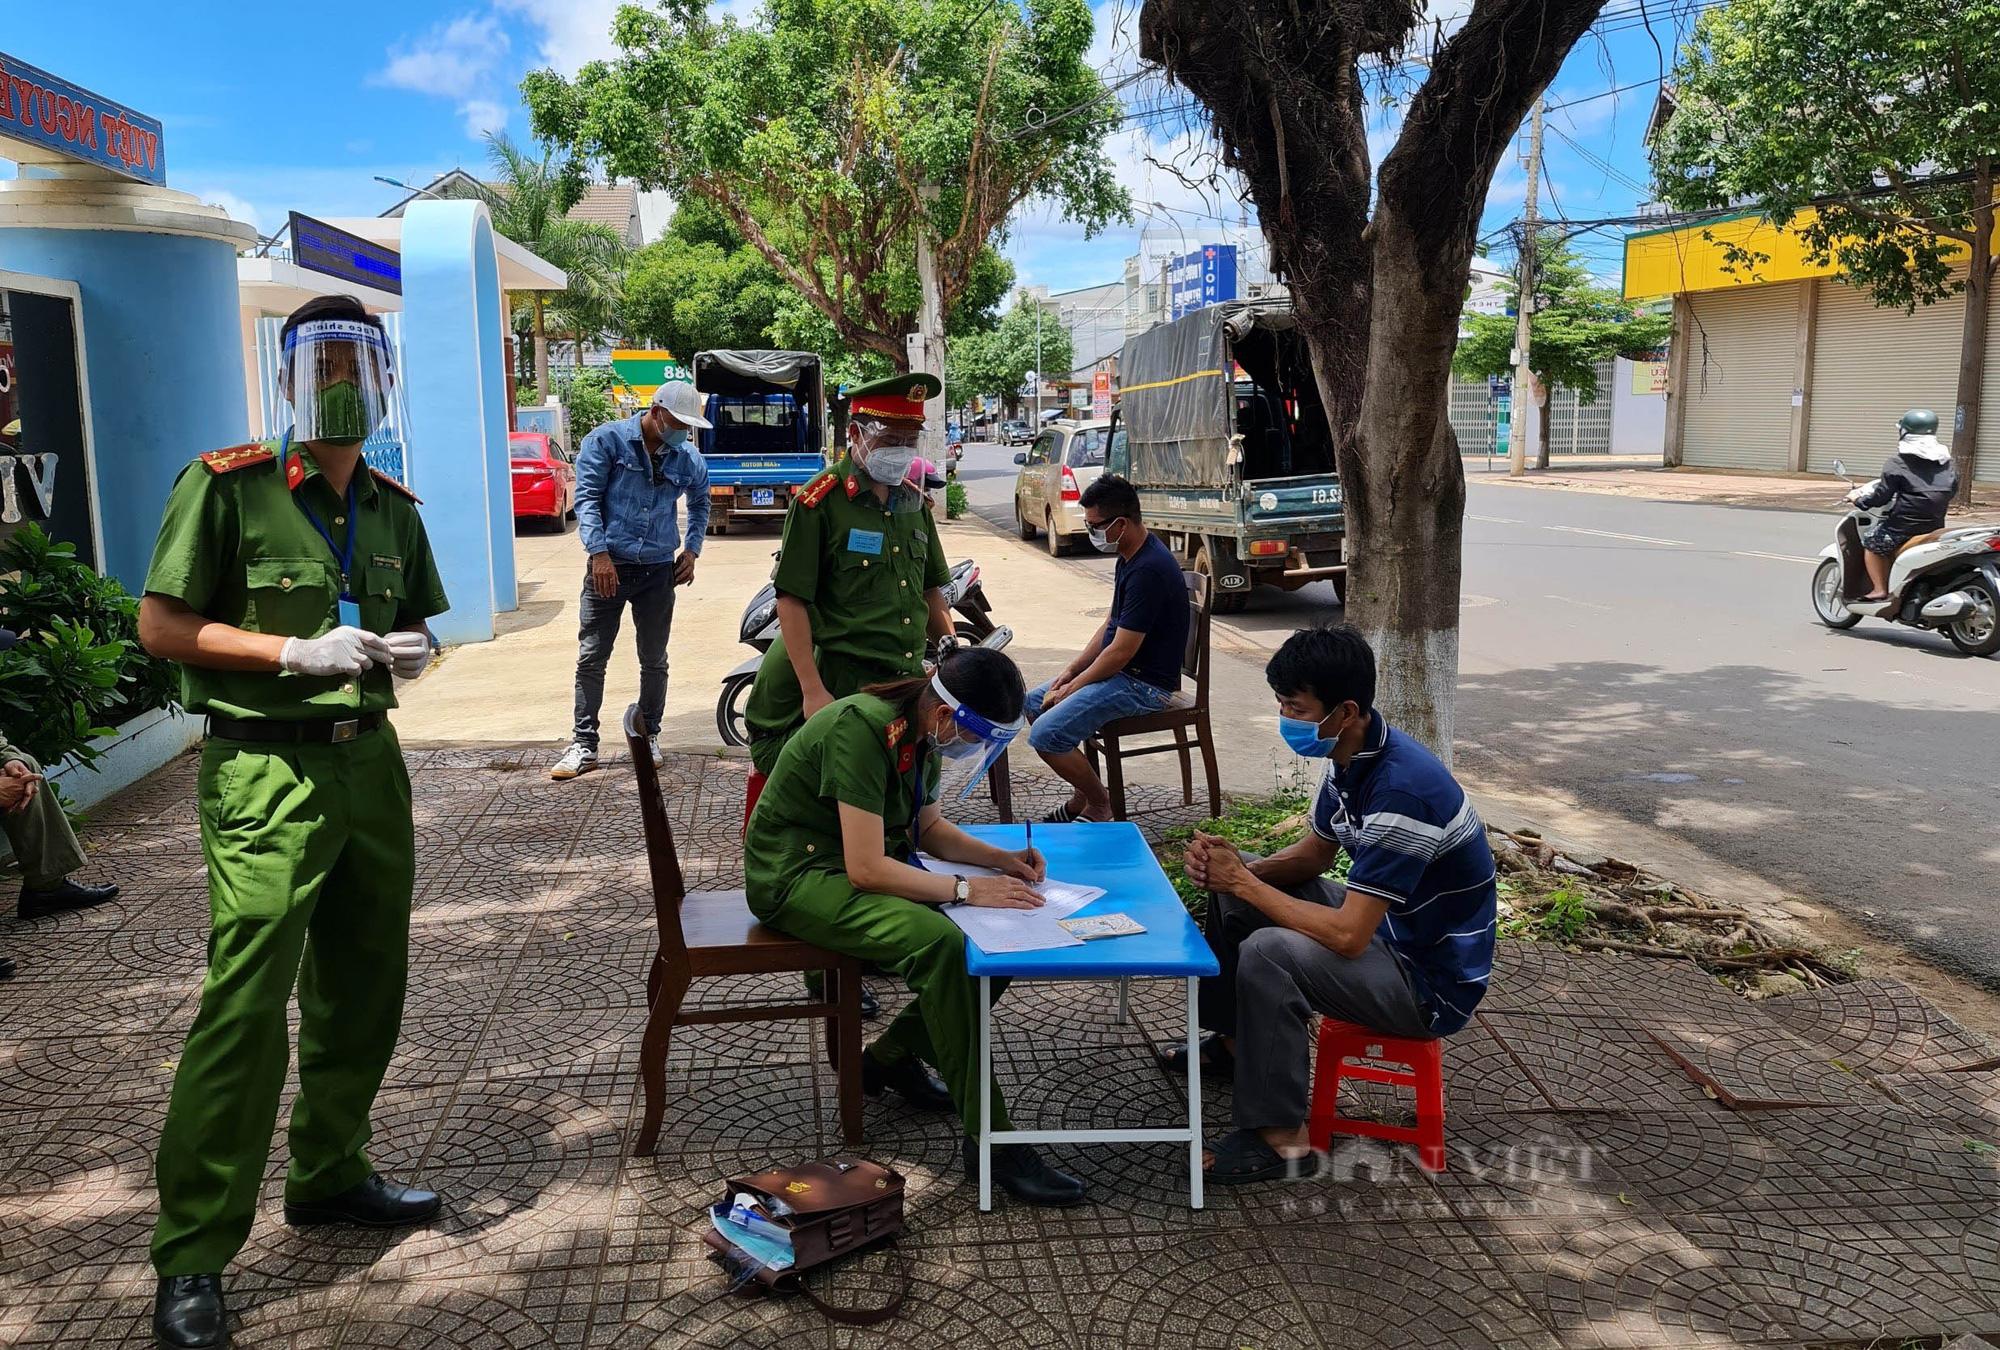 Đắk Lắk: Đi tập thể dục 18 người bị phạt tổng cộng 36 triệu đồng vì vi phạm quy định phòng chống dịch - Ảnh 2.